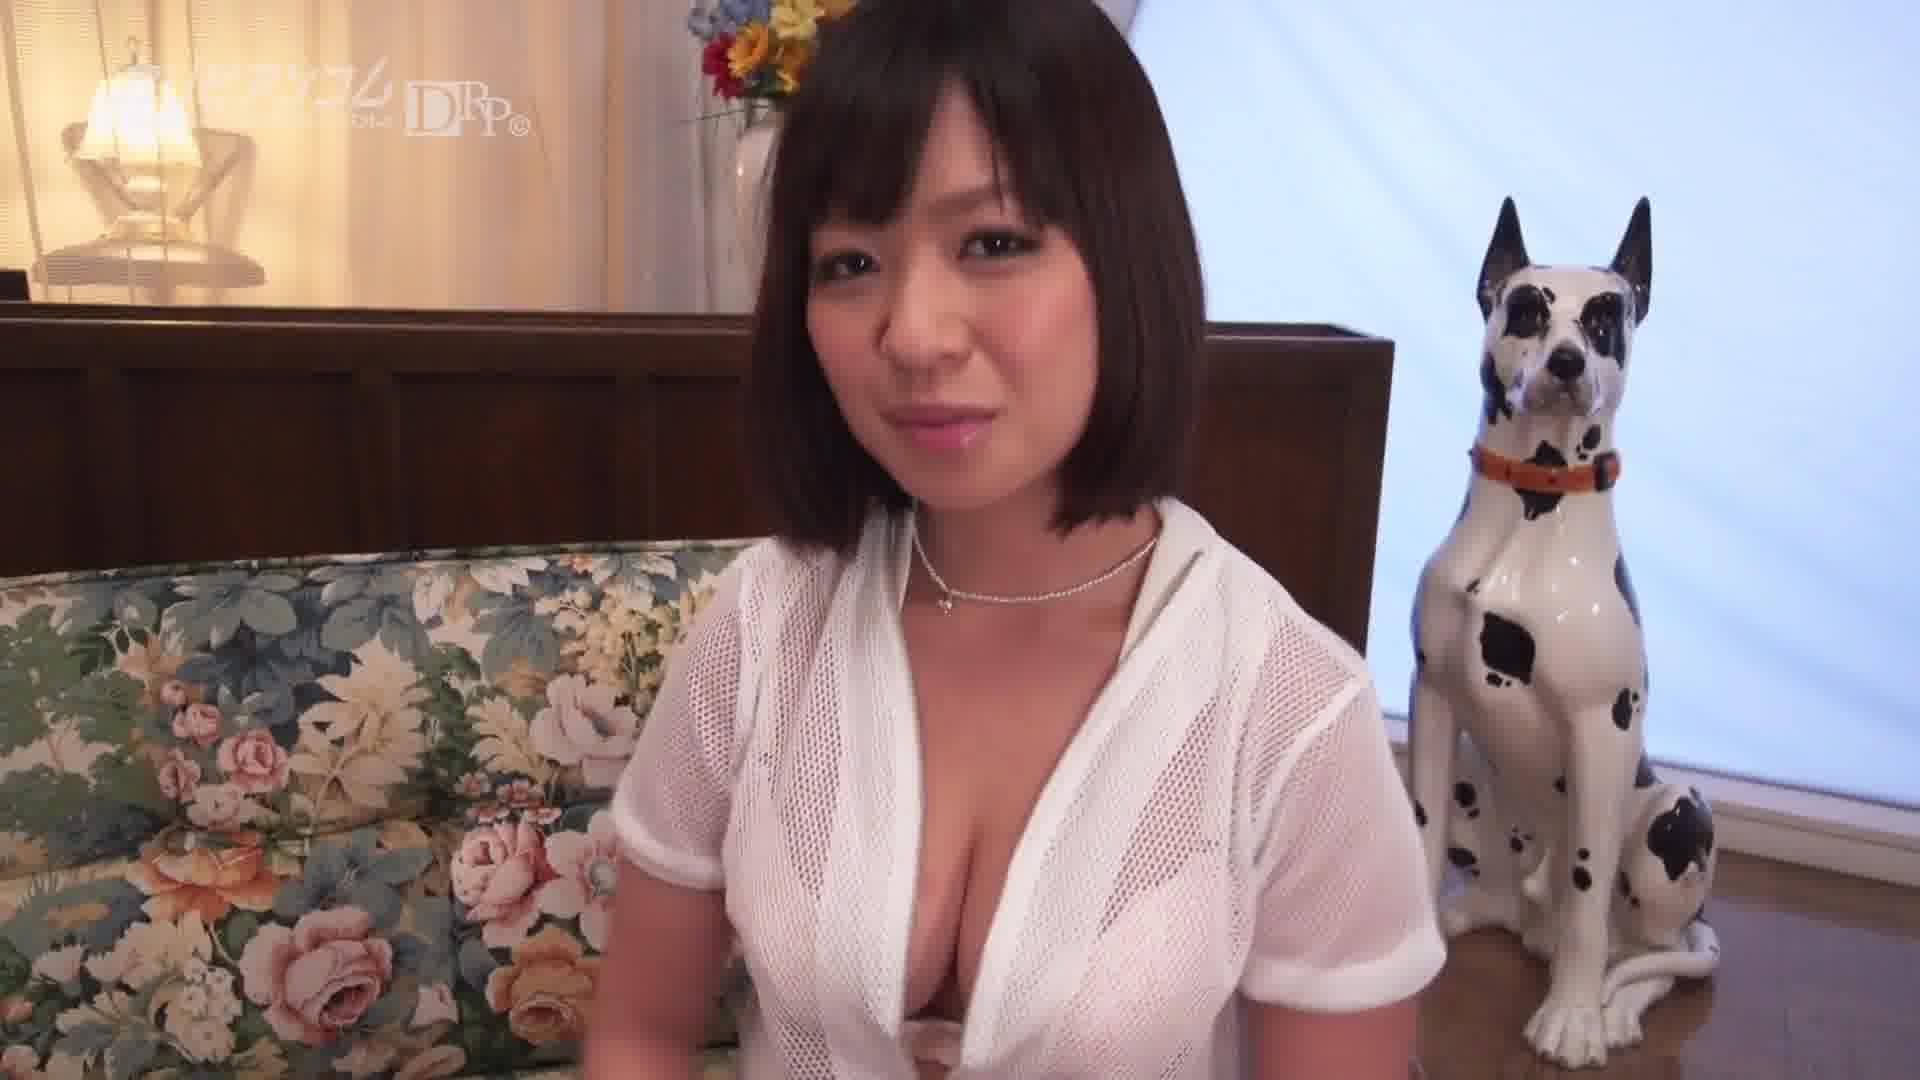 巨乳ファッションモデルAVデビュー - 尾上若葉【巨乳・パイズリ・初裏】